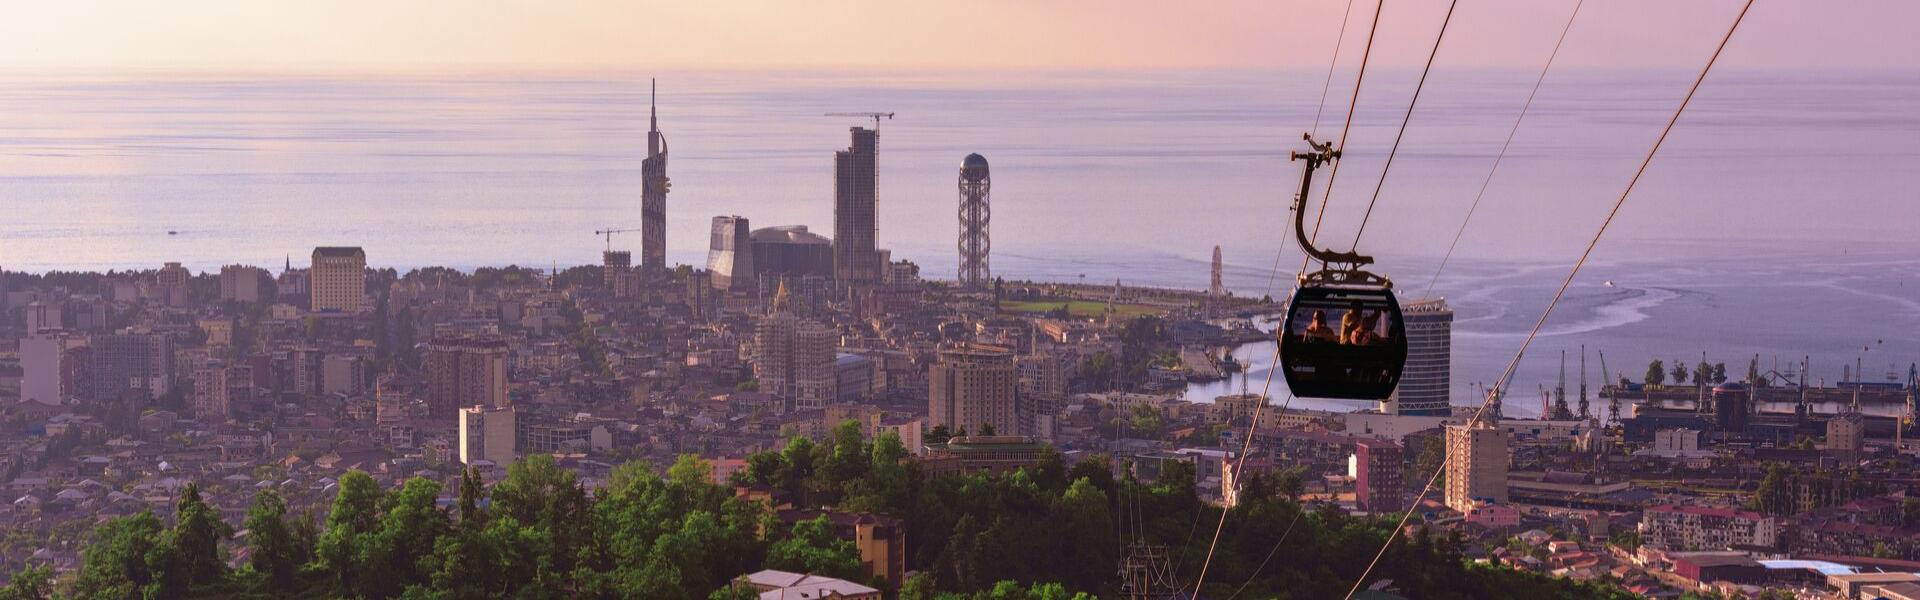 Batumi, Georgia